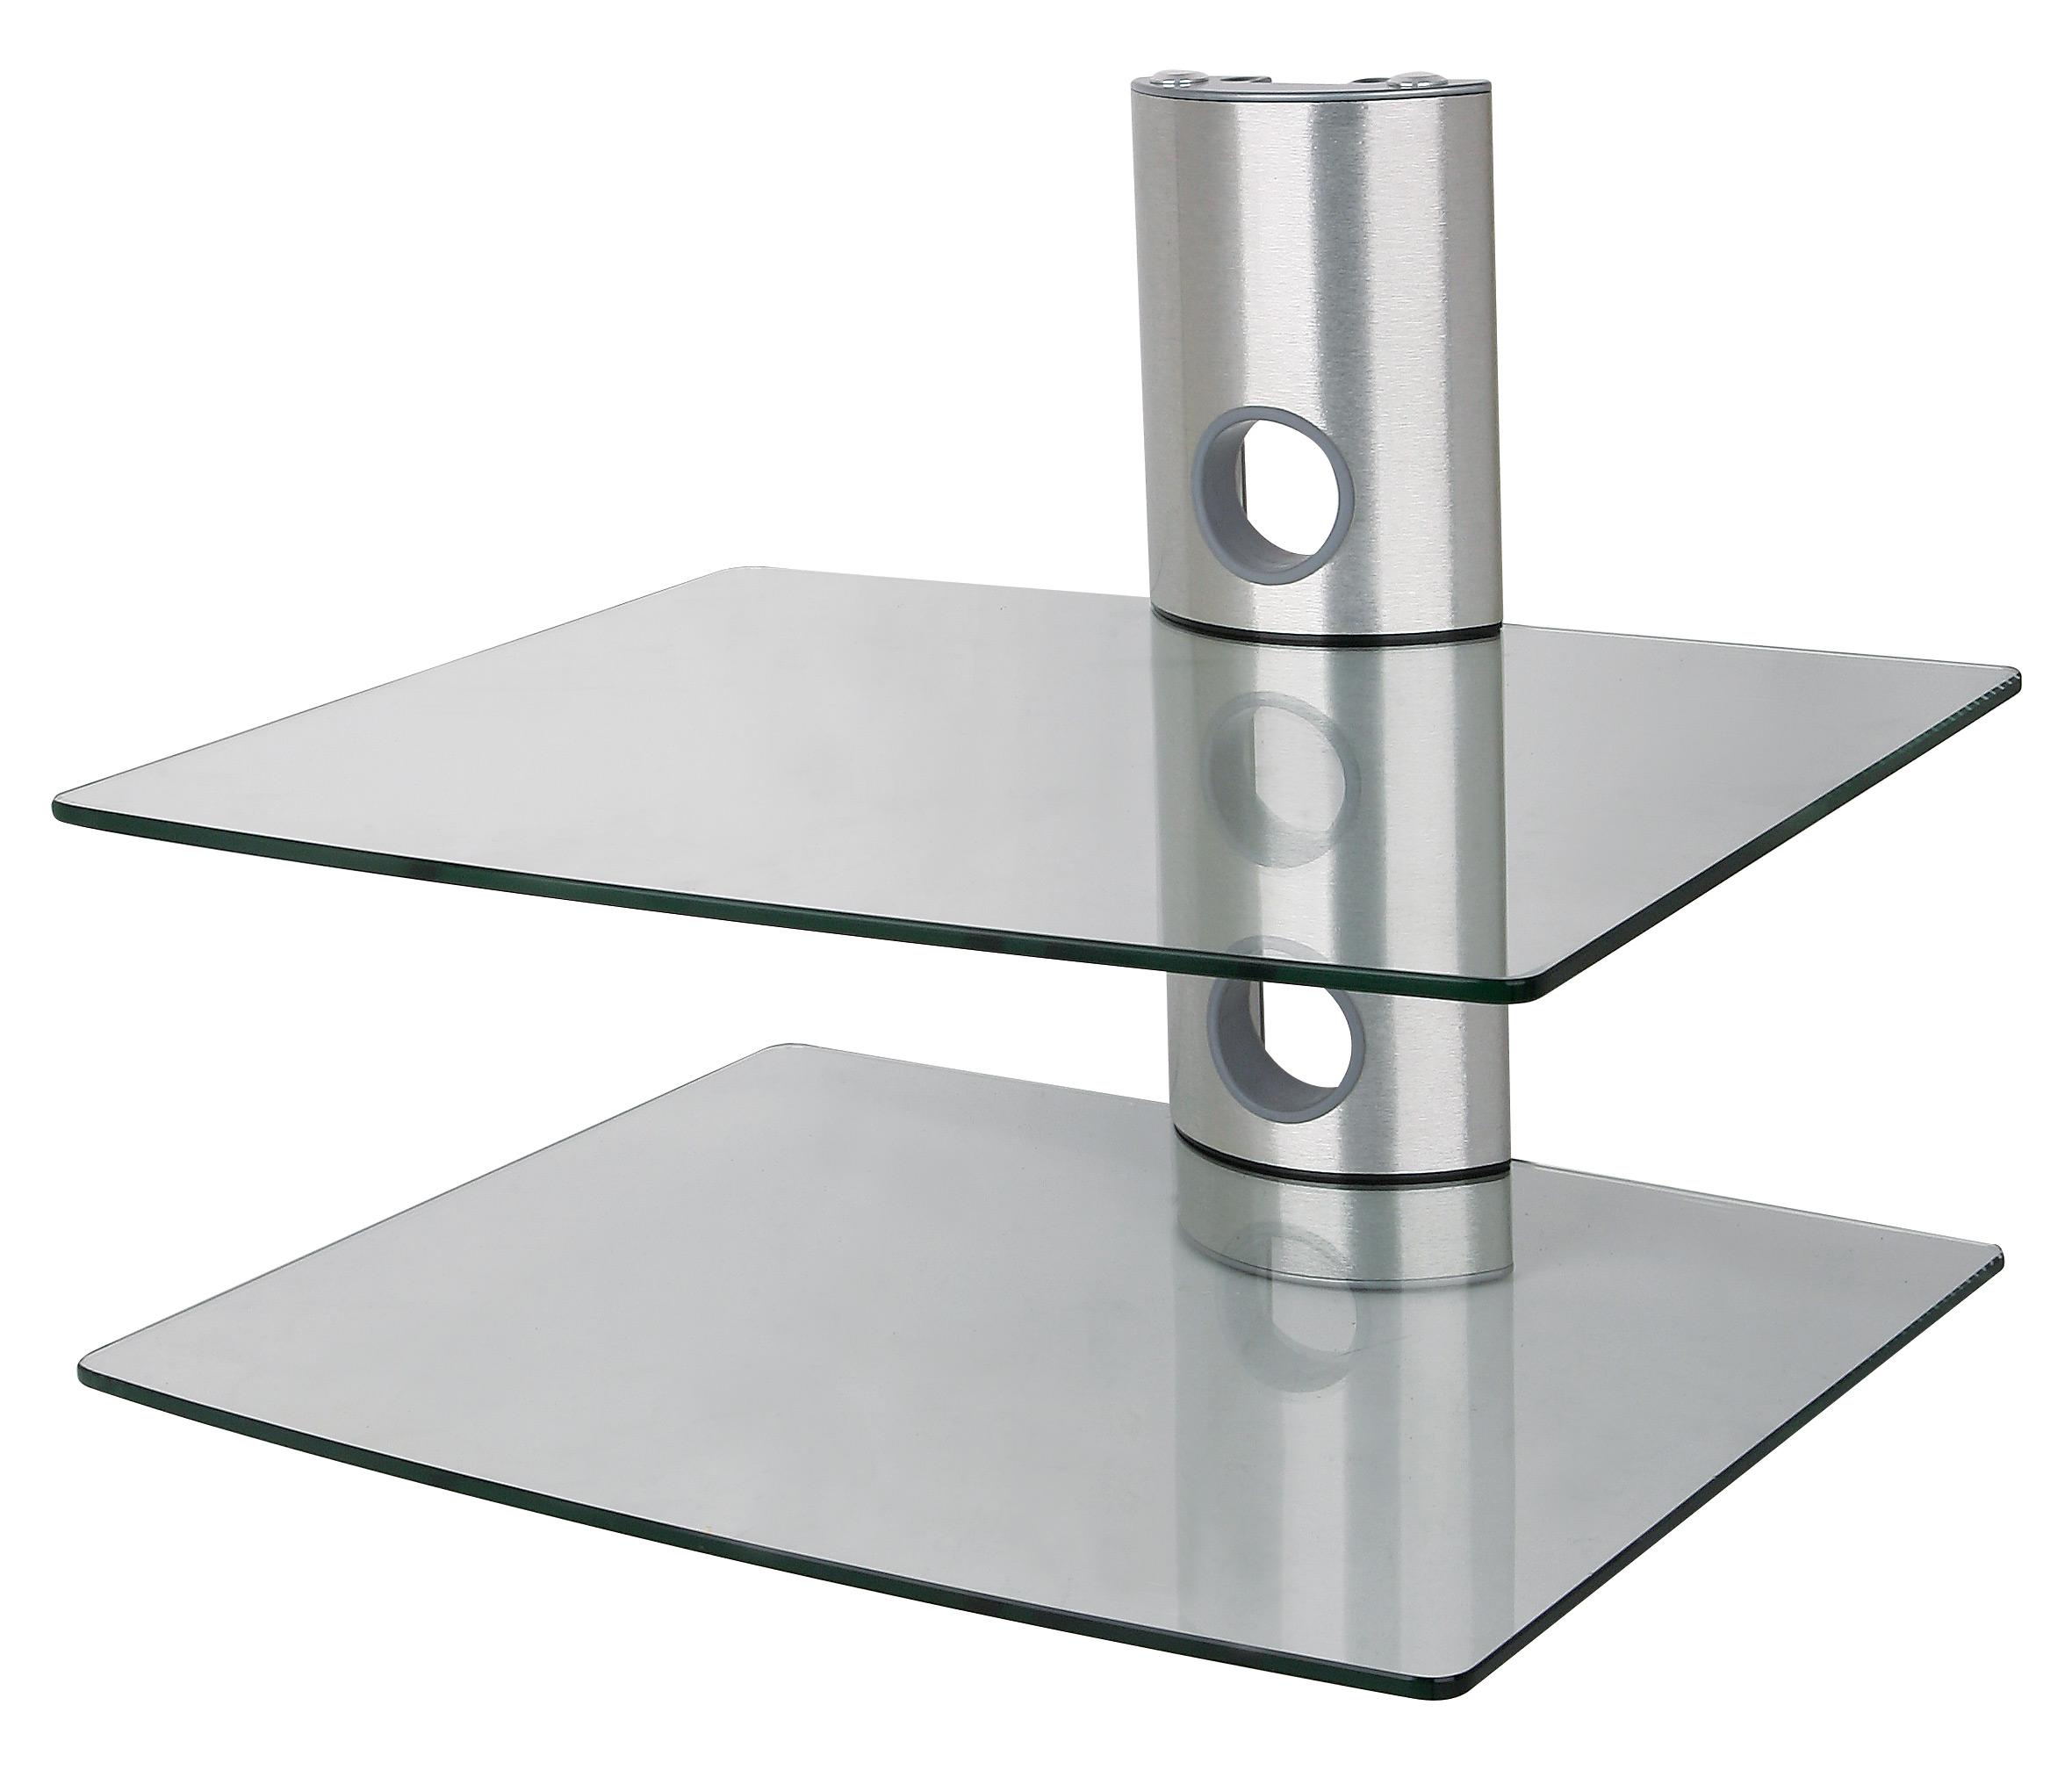 Luxusní nástěnná police čiré sklo, leštěnný hliník, 2 police, nosnost 20kg - ErgoSolid Ardea 2C